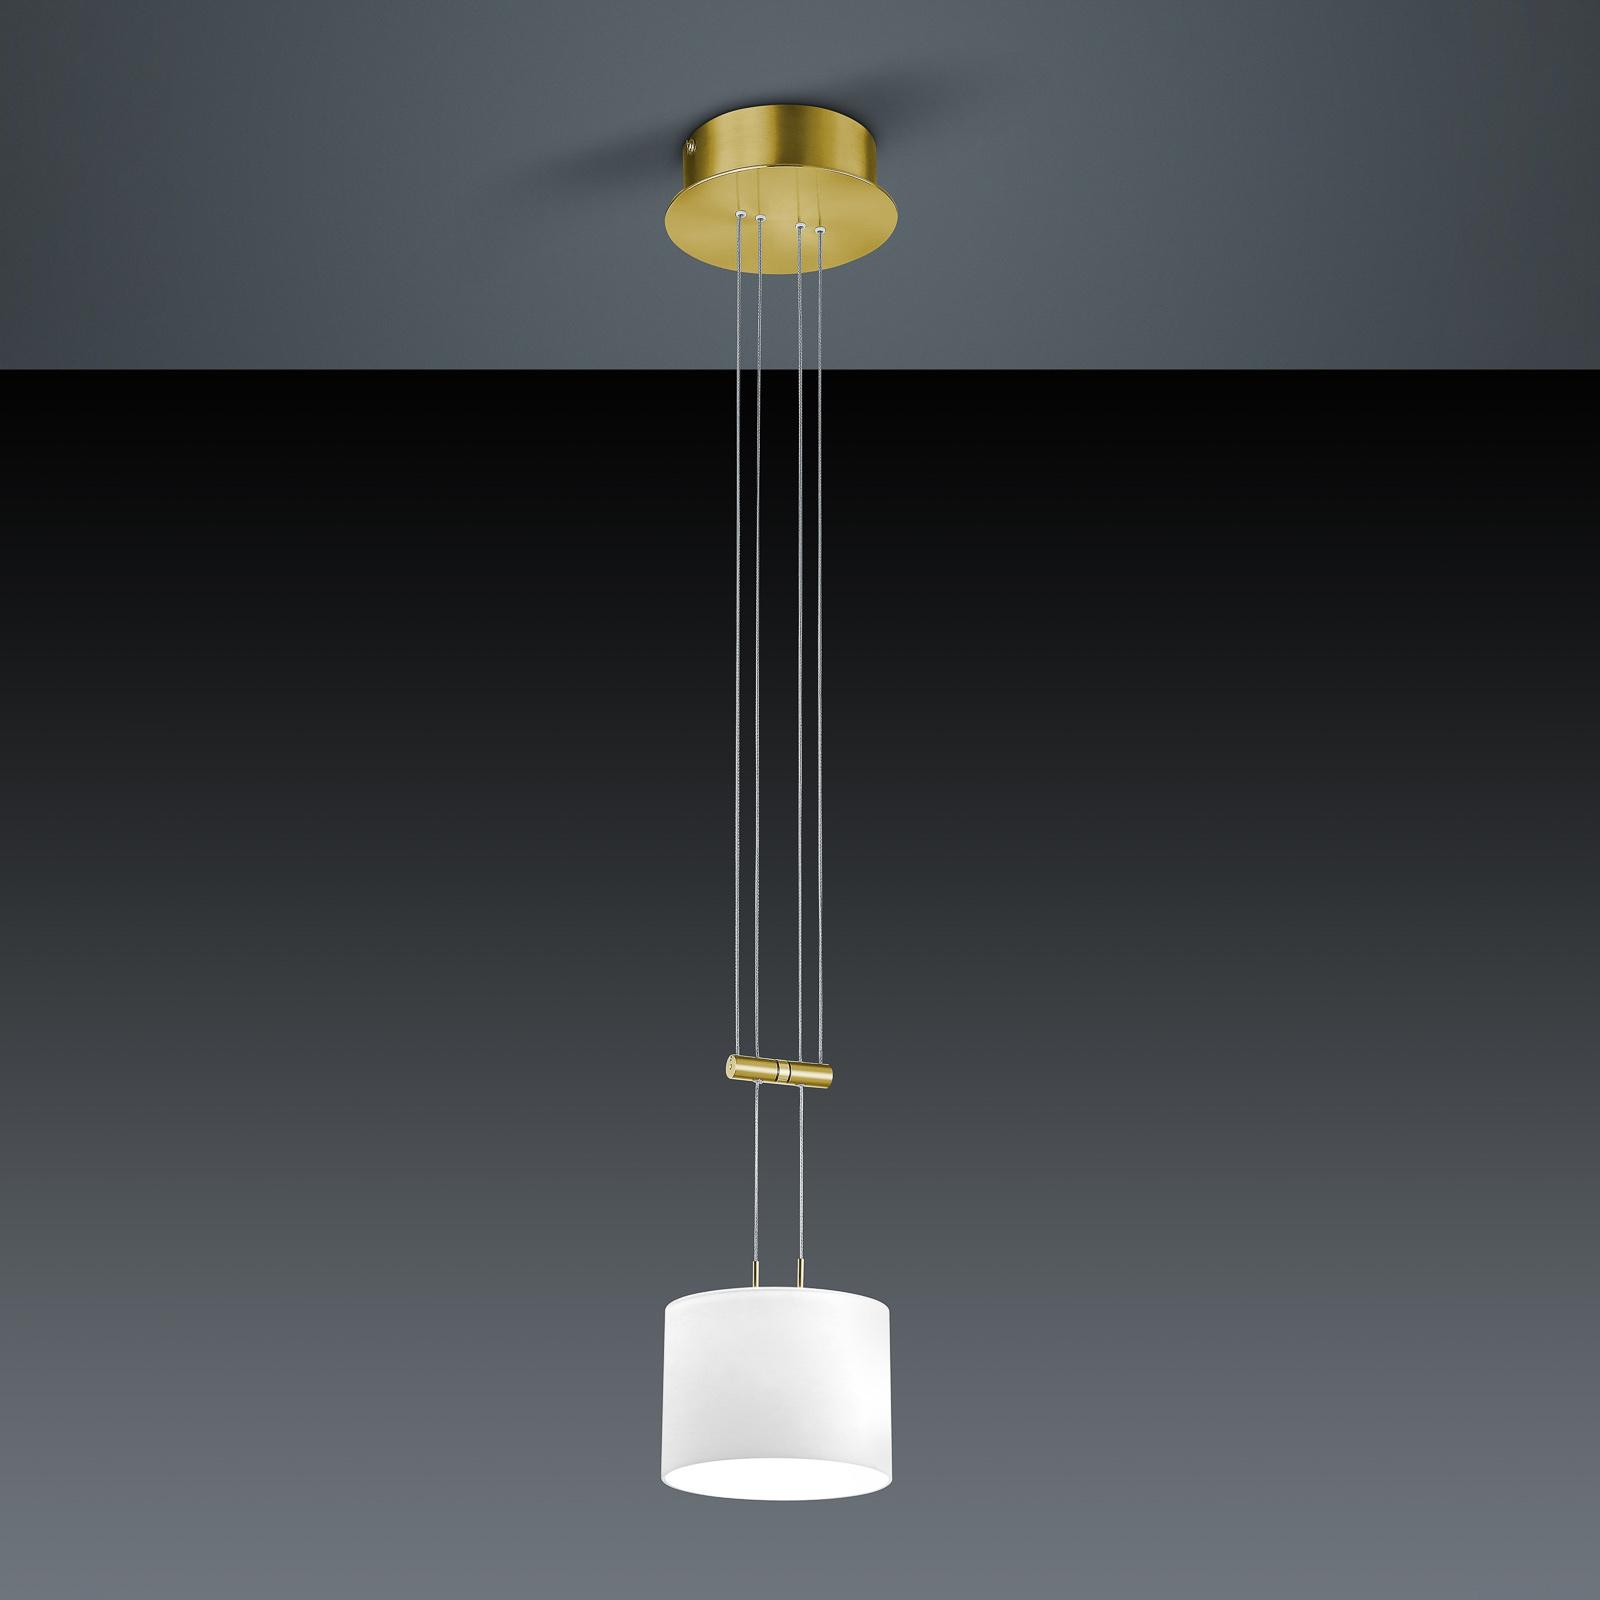 BANKAMP Grazia lampa wisząca ZigBee 16cm mosiądz